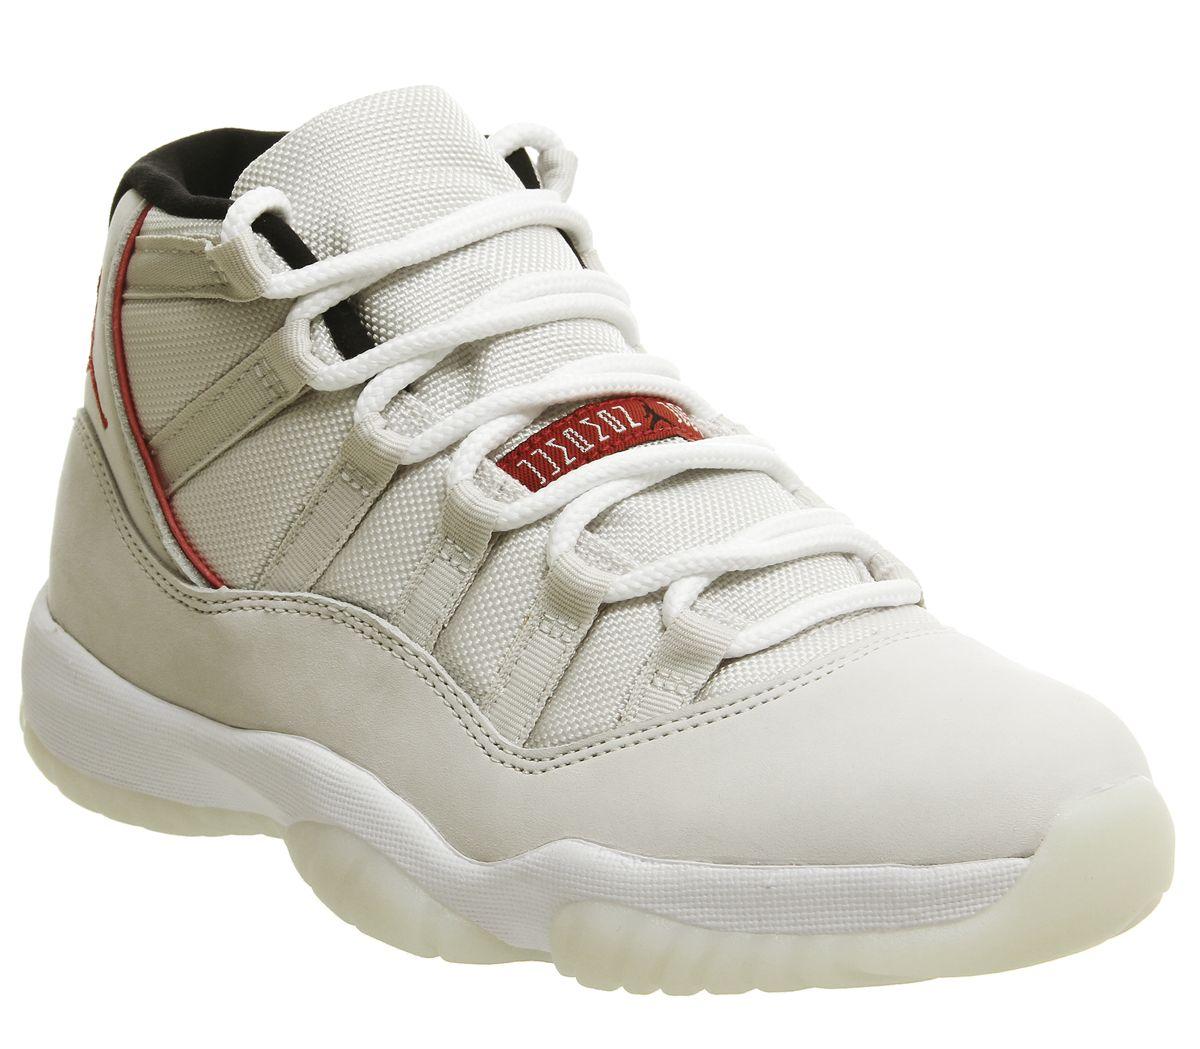 info for c6d57 d64d3 Jordan 11 Retro Trainers